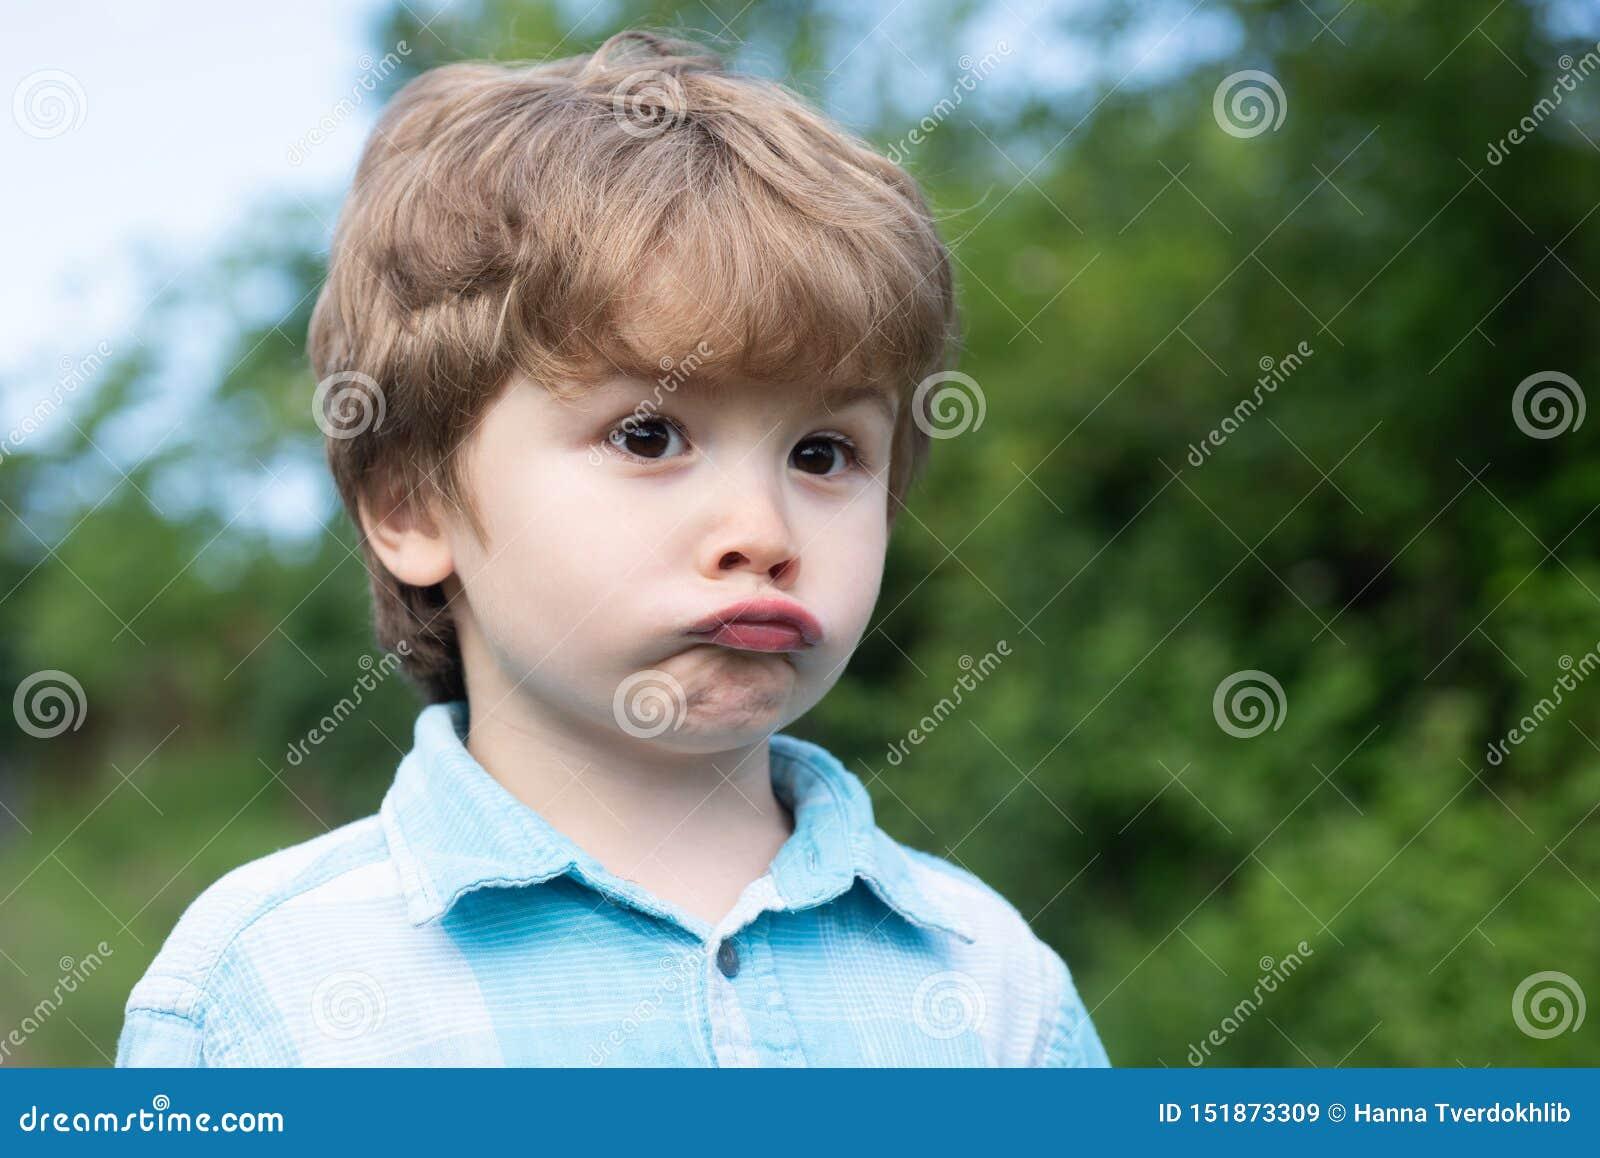 Droevige jongen Emotionele baby Emoties op het gezicht Gezichtsdroefheid Emotionele intelligentie De frustratie van kinderen Het